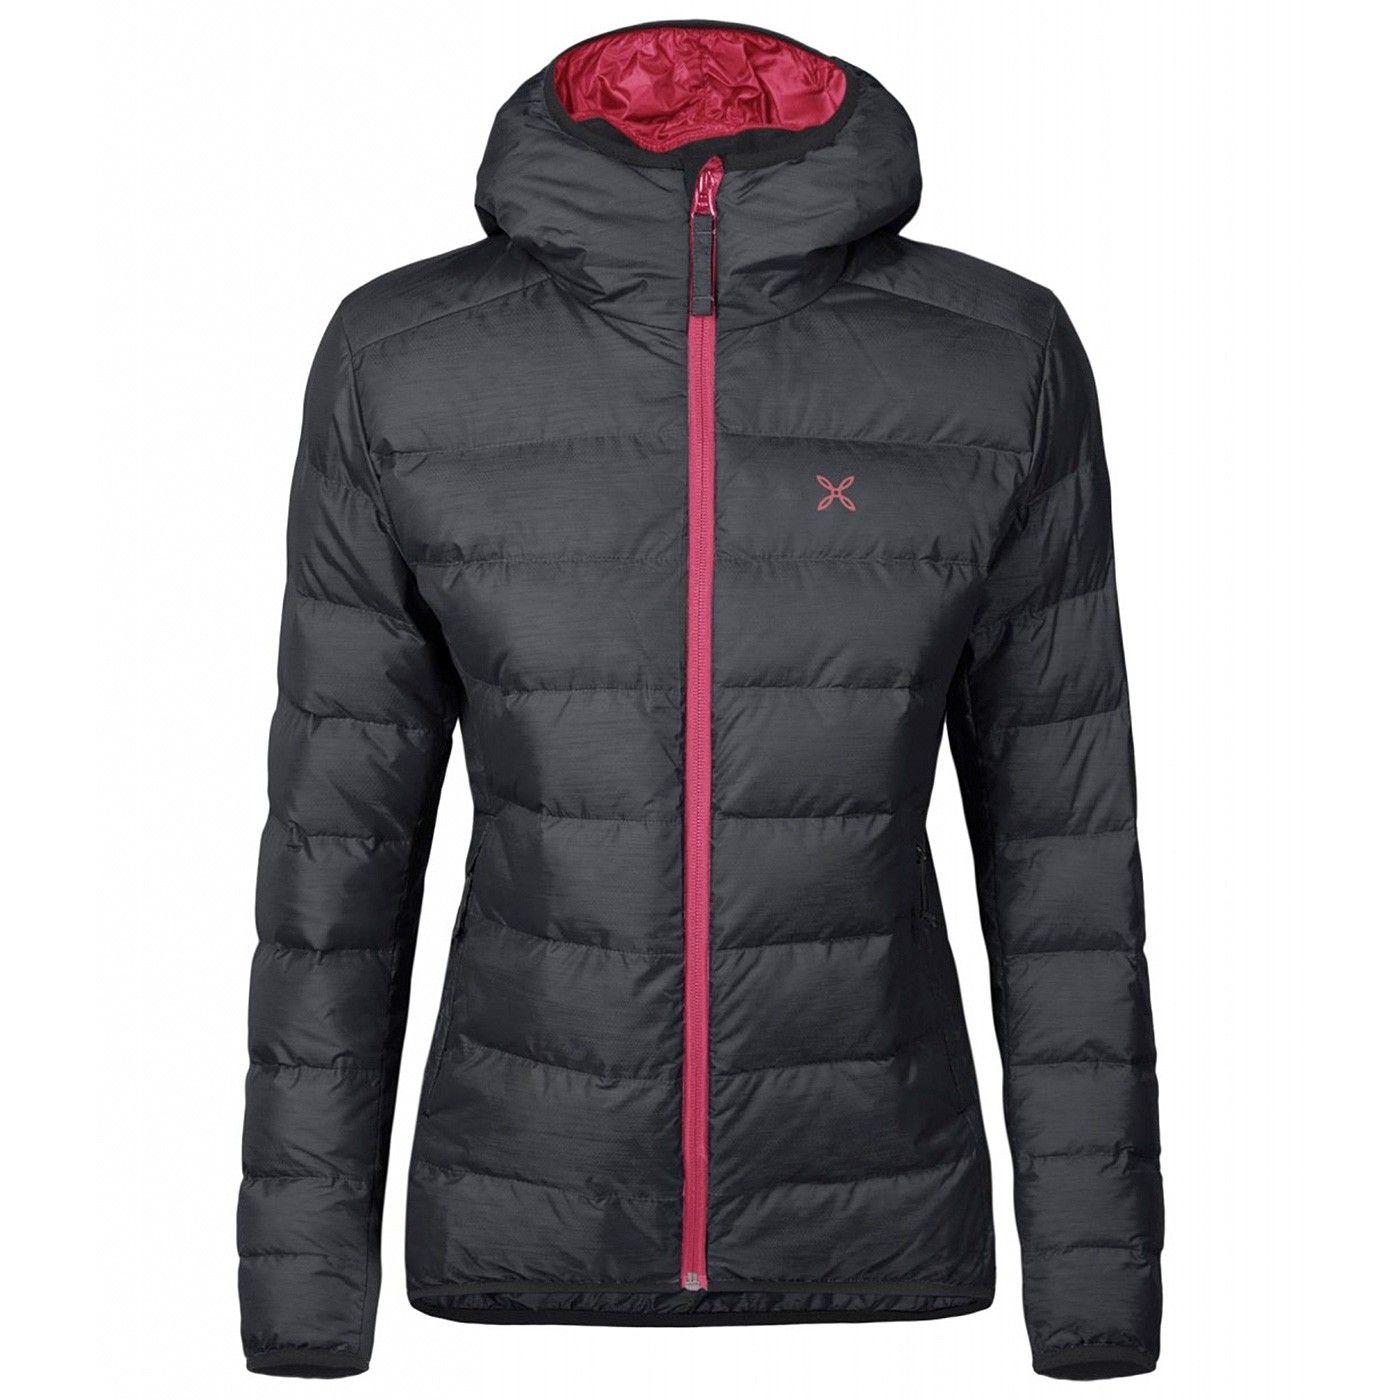 sale retailer f50f7 ec2e2 Piumino alpinismo Montura Atlantic Donna - Abbigliamento alpinismo